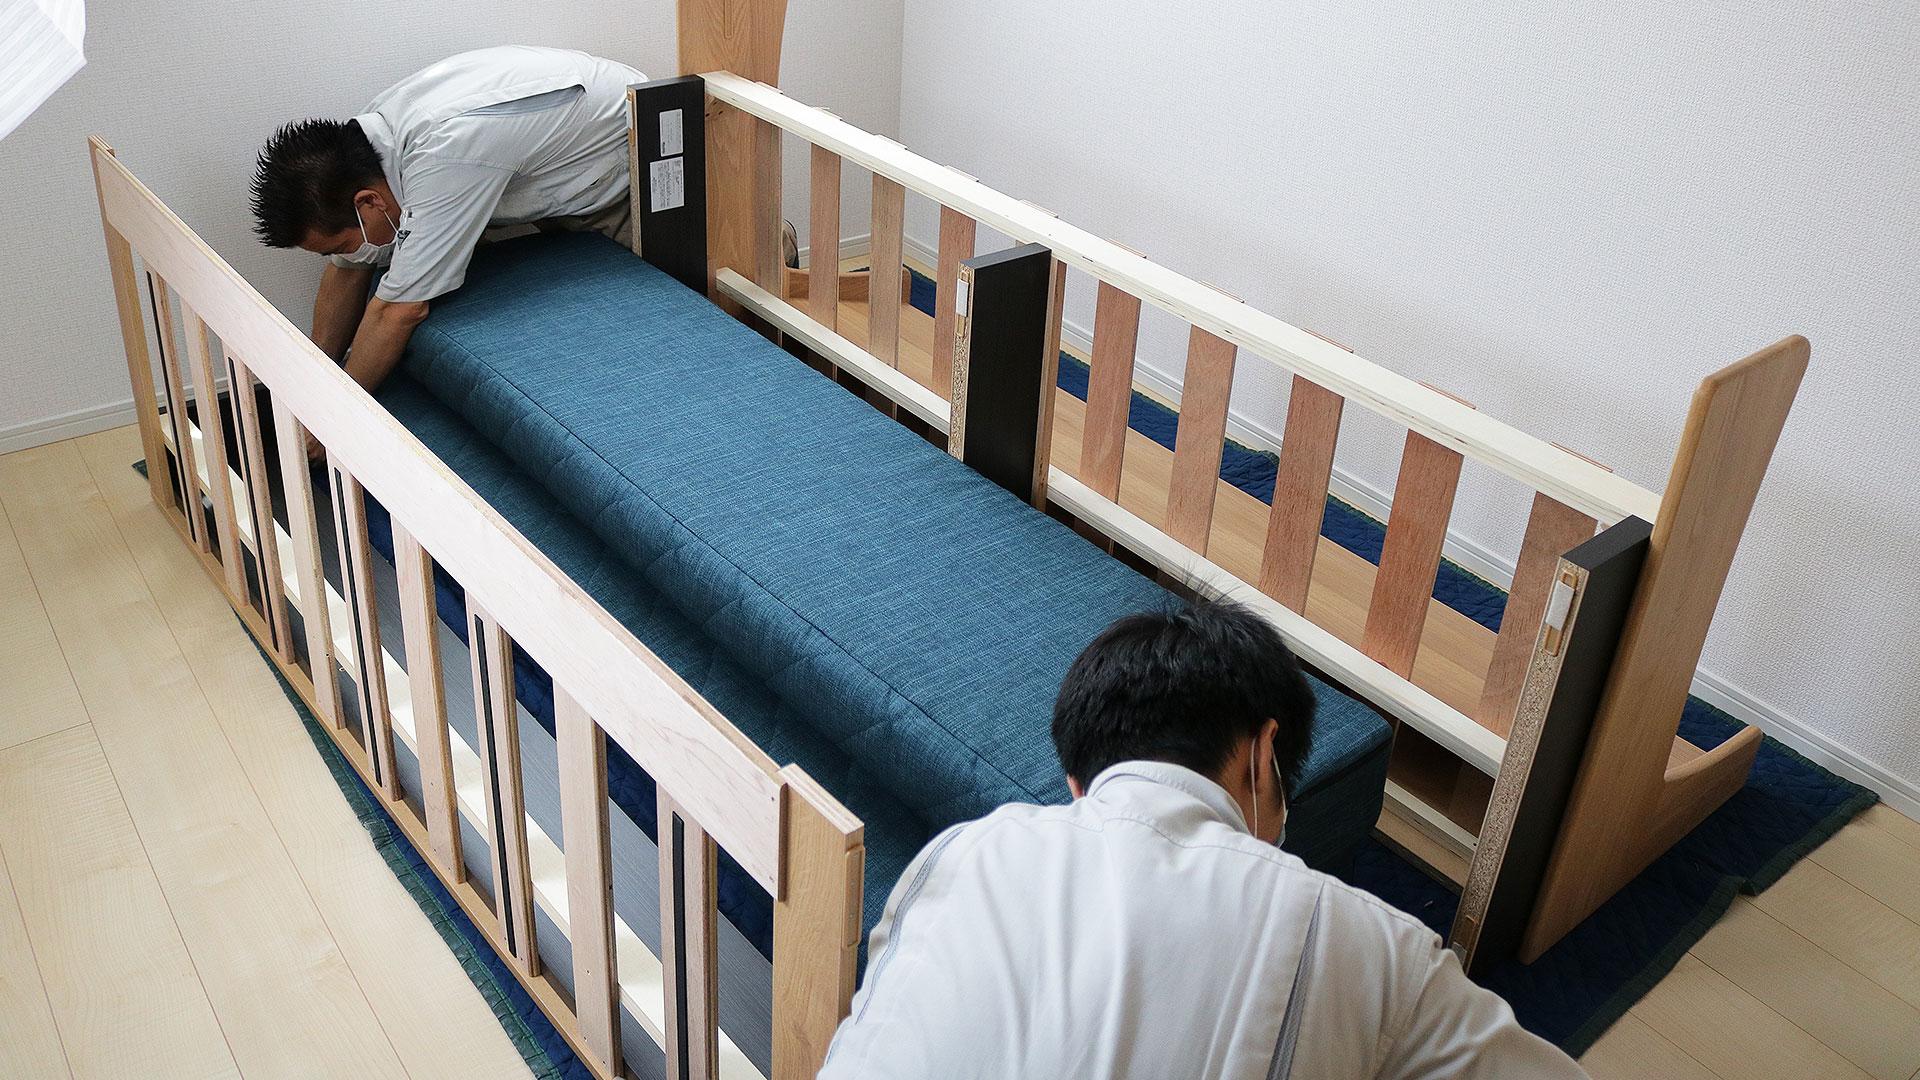 ごろ寝ソファードロシーを2階に設置